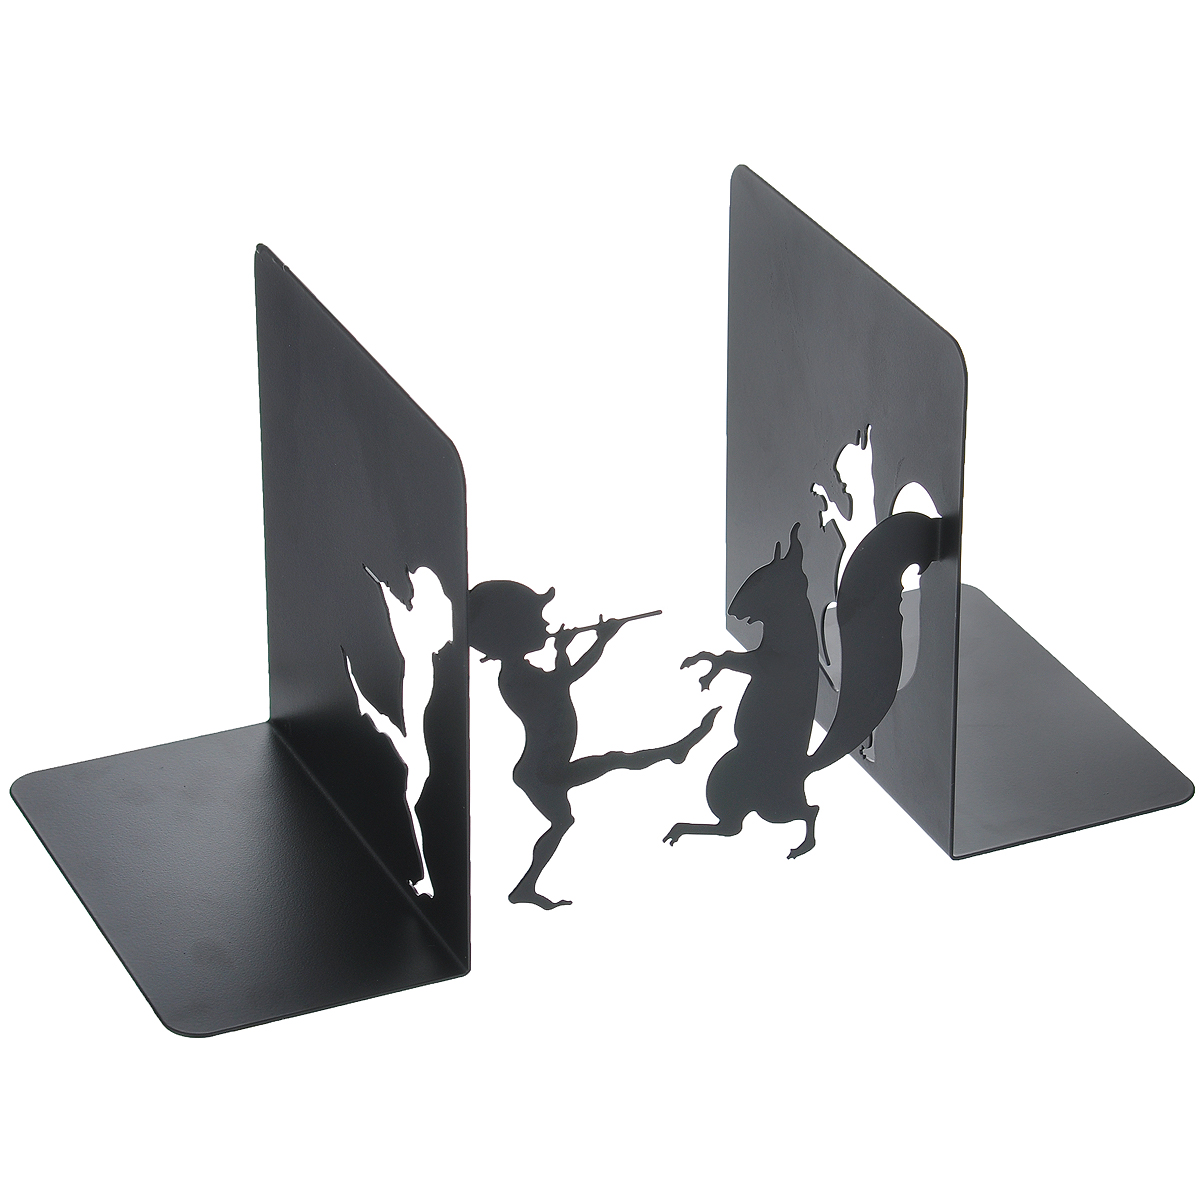 Подставка-ограничитель для книг Белка и мальчик, 2 шт подставка ограничитель для книг купола